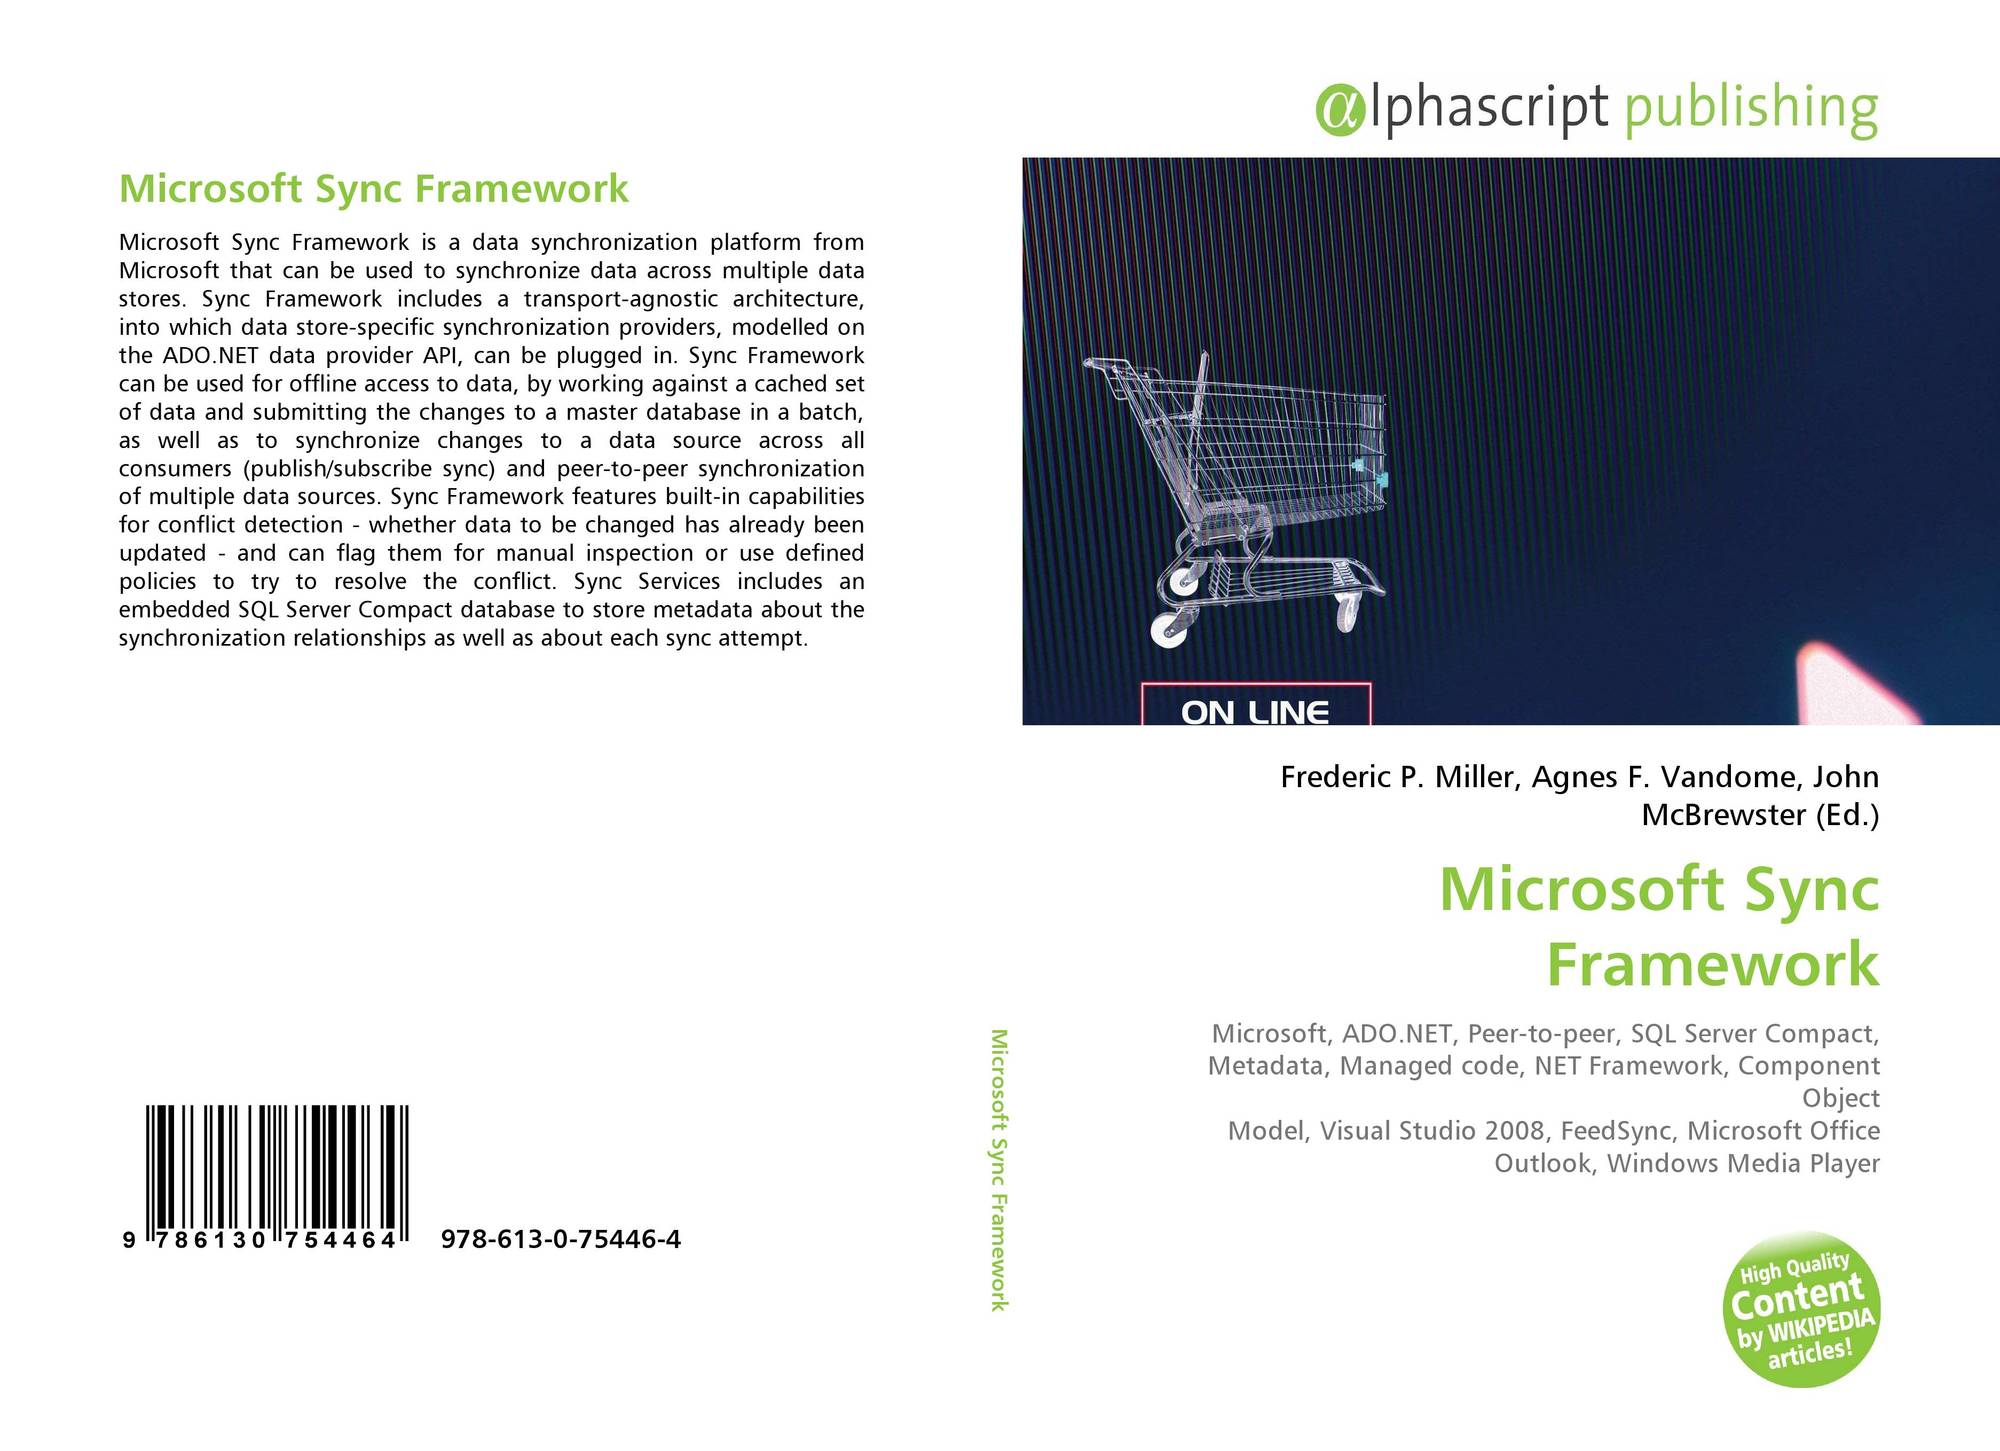 9786130754464 Microsoft Sync Framework 978 613 0 75446 4 6130754469 9786130754464